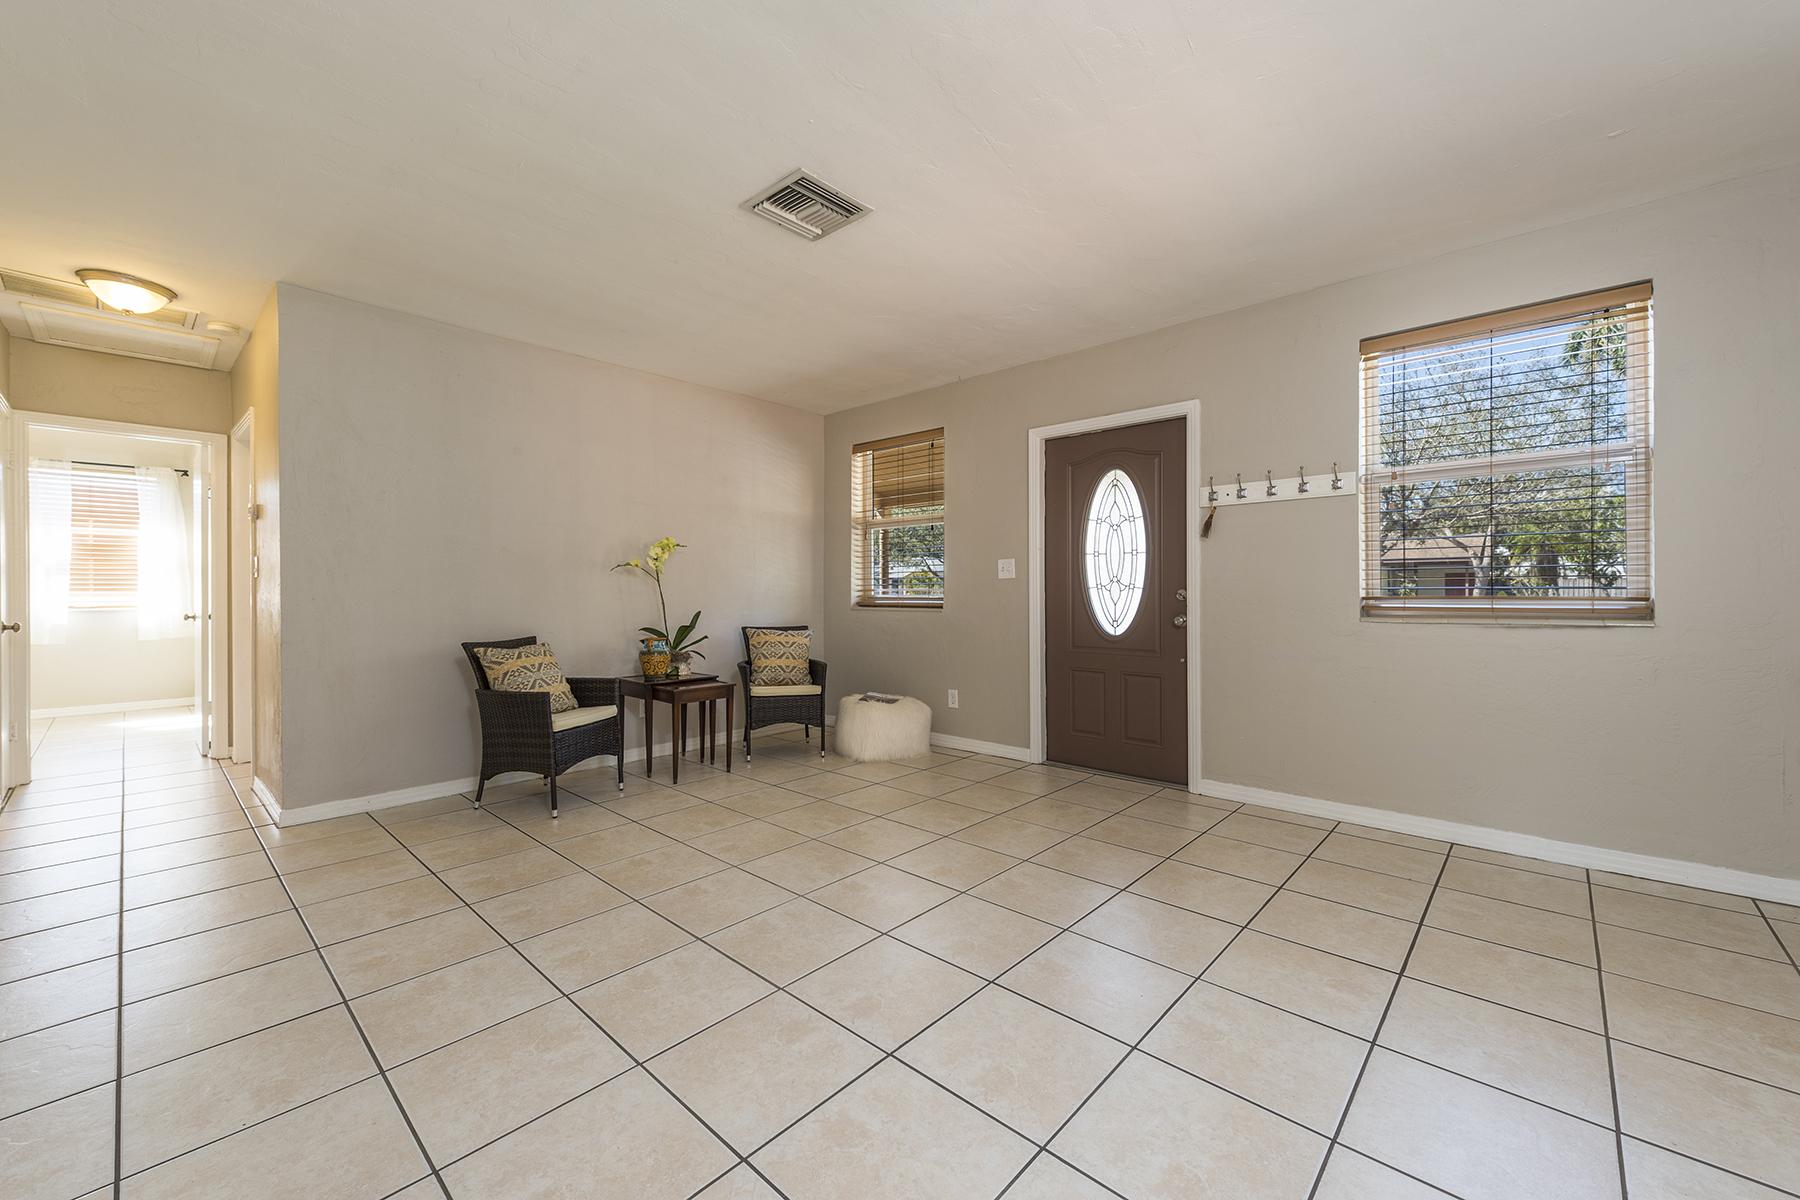 一戸建て のために 売買 アット 970 10th St N, Naples, FL 34102 970 10th St N Naples, フロリダ, 34102 アメリカ合衆国